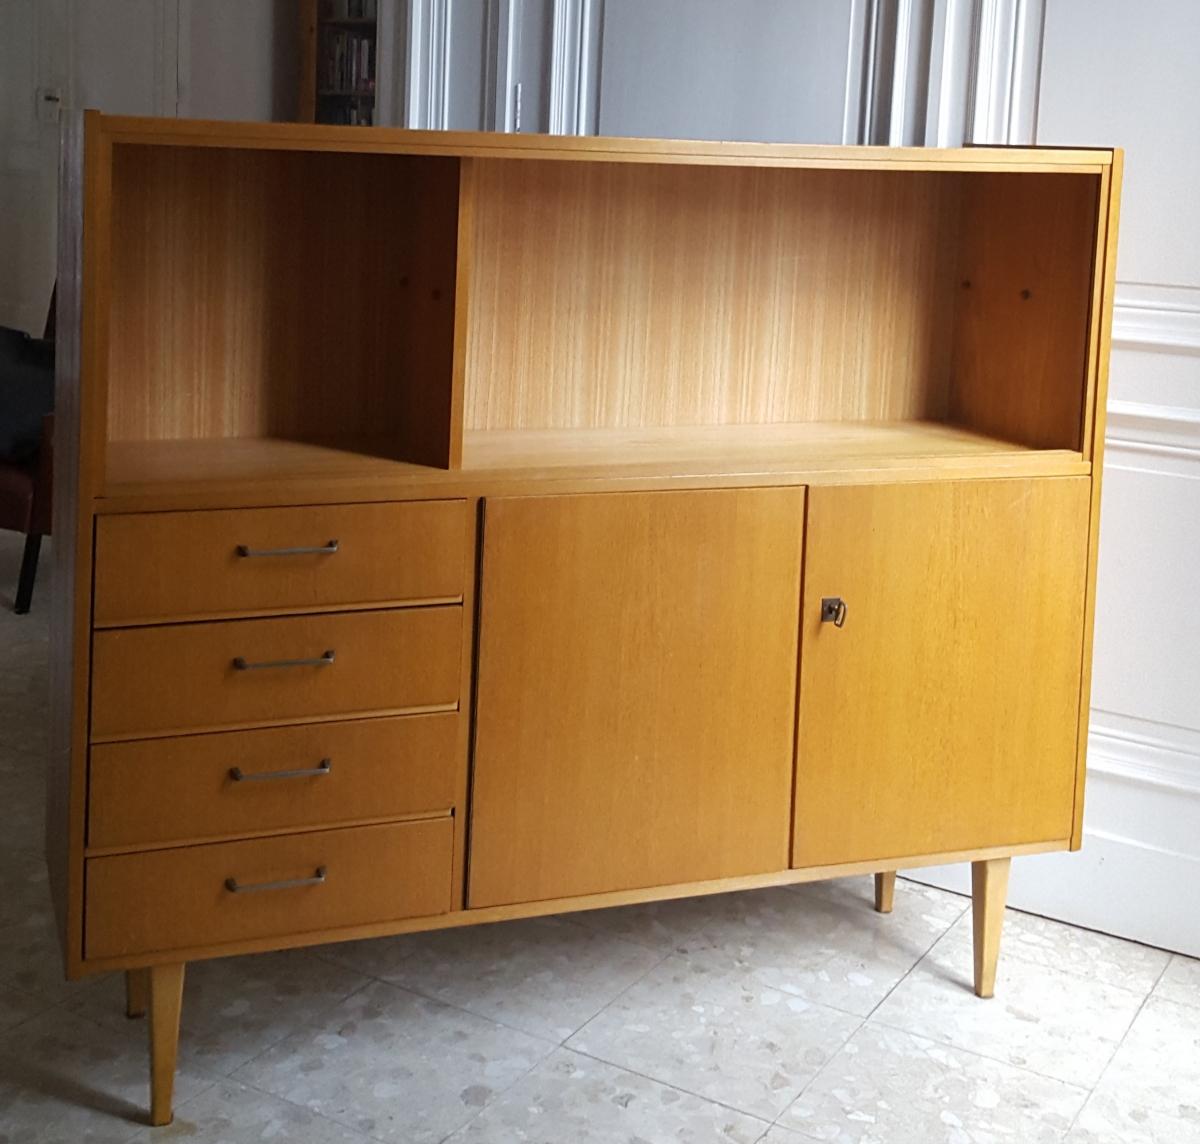 enfilade bahut en bois pieds fuseaux style scandinave luckyfind. Black Bedroom Furniture Sets. Home Design Ideas